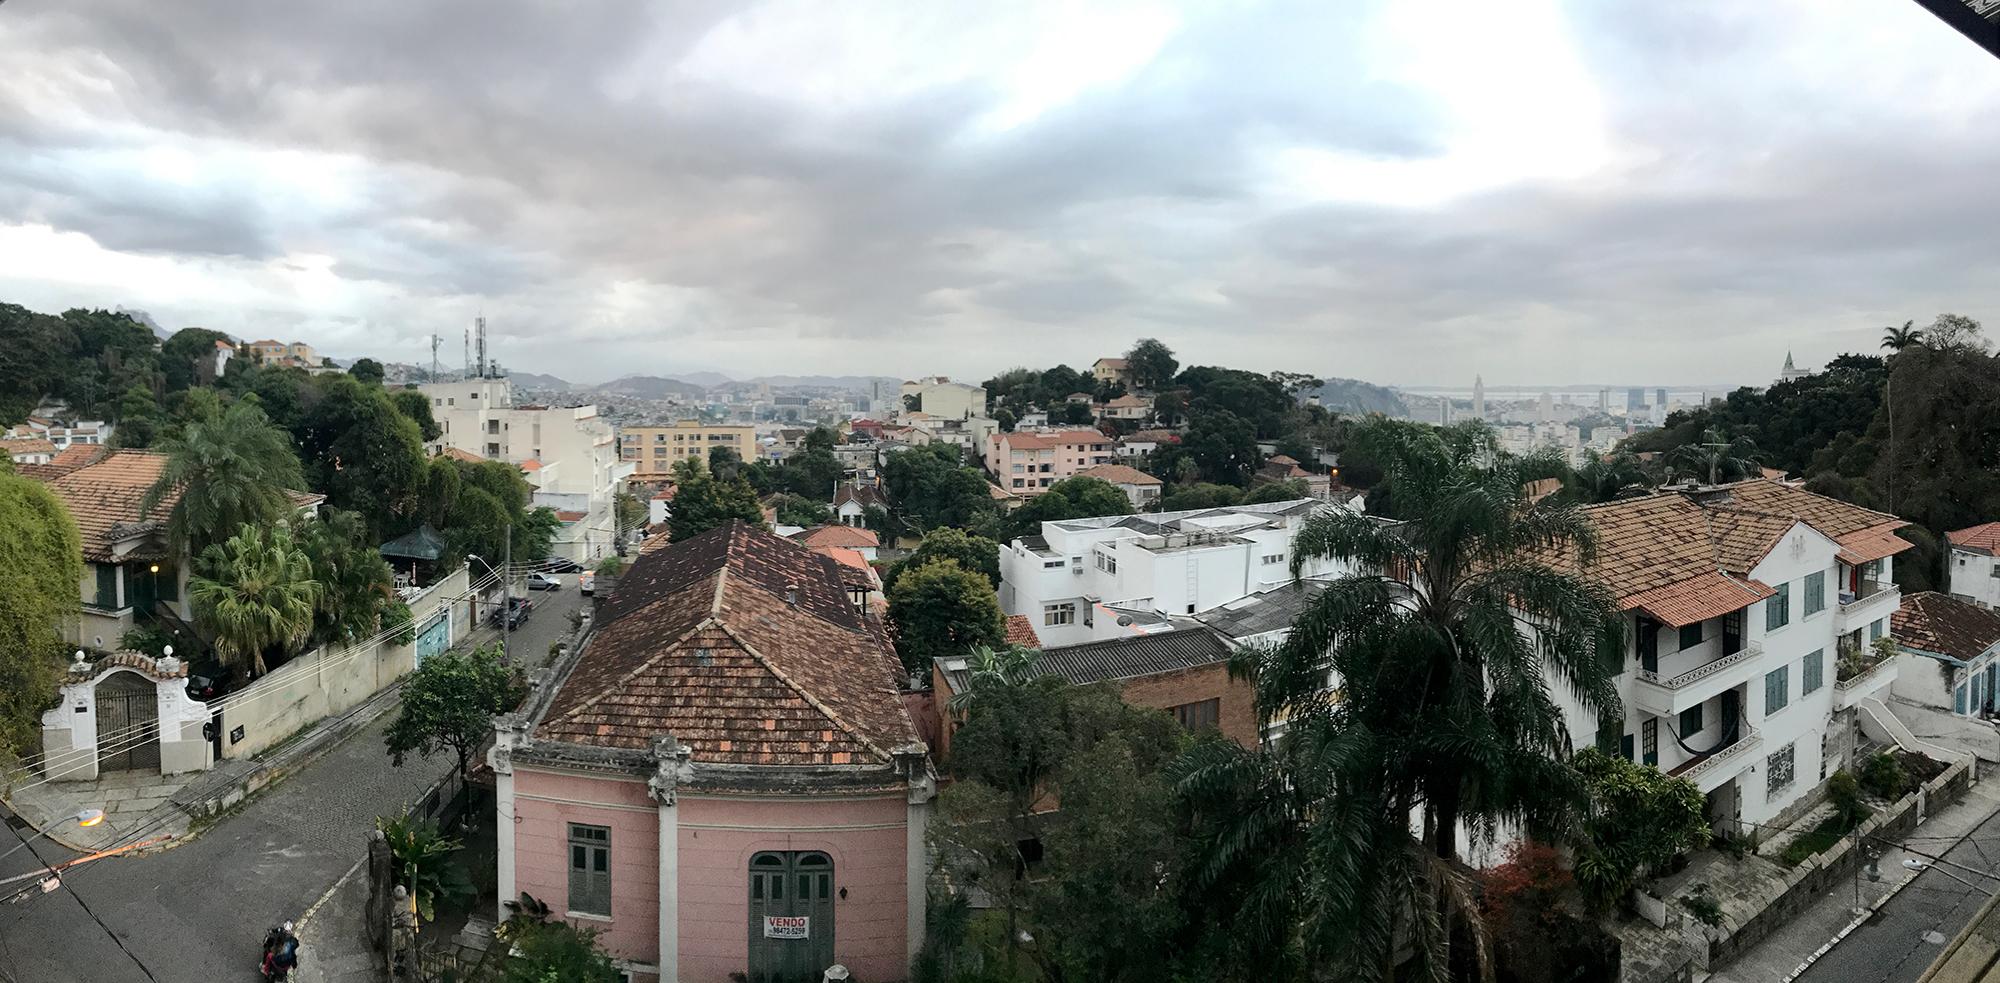 Vista de Santa Teresa